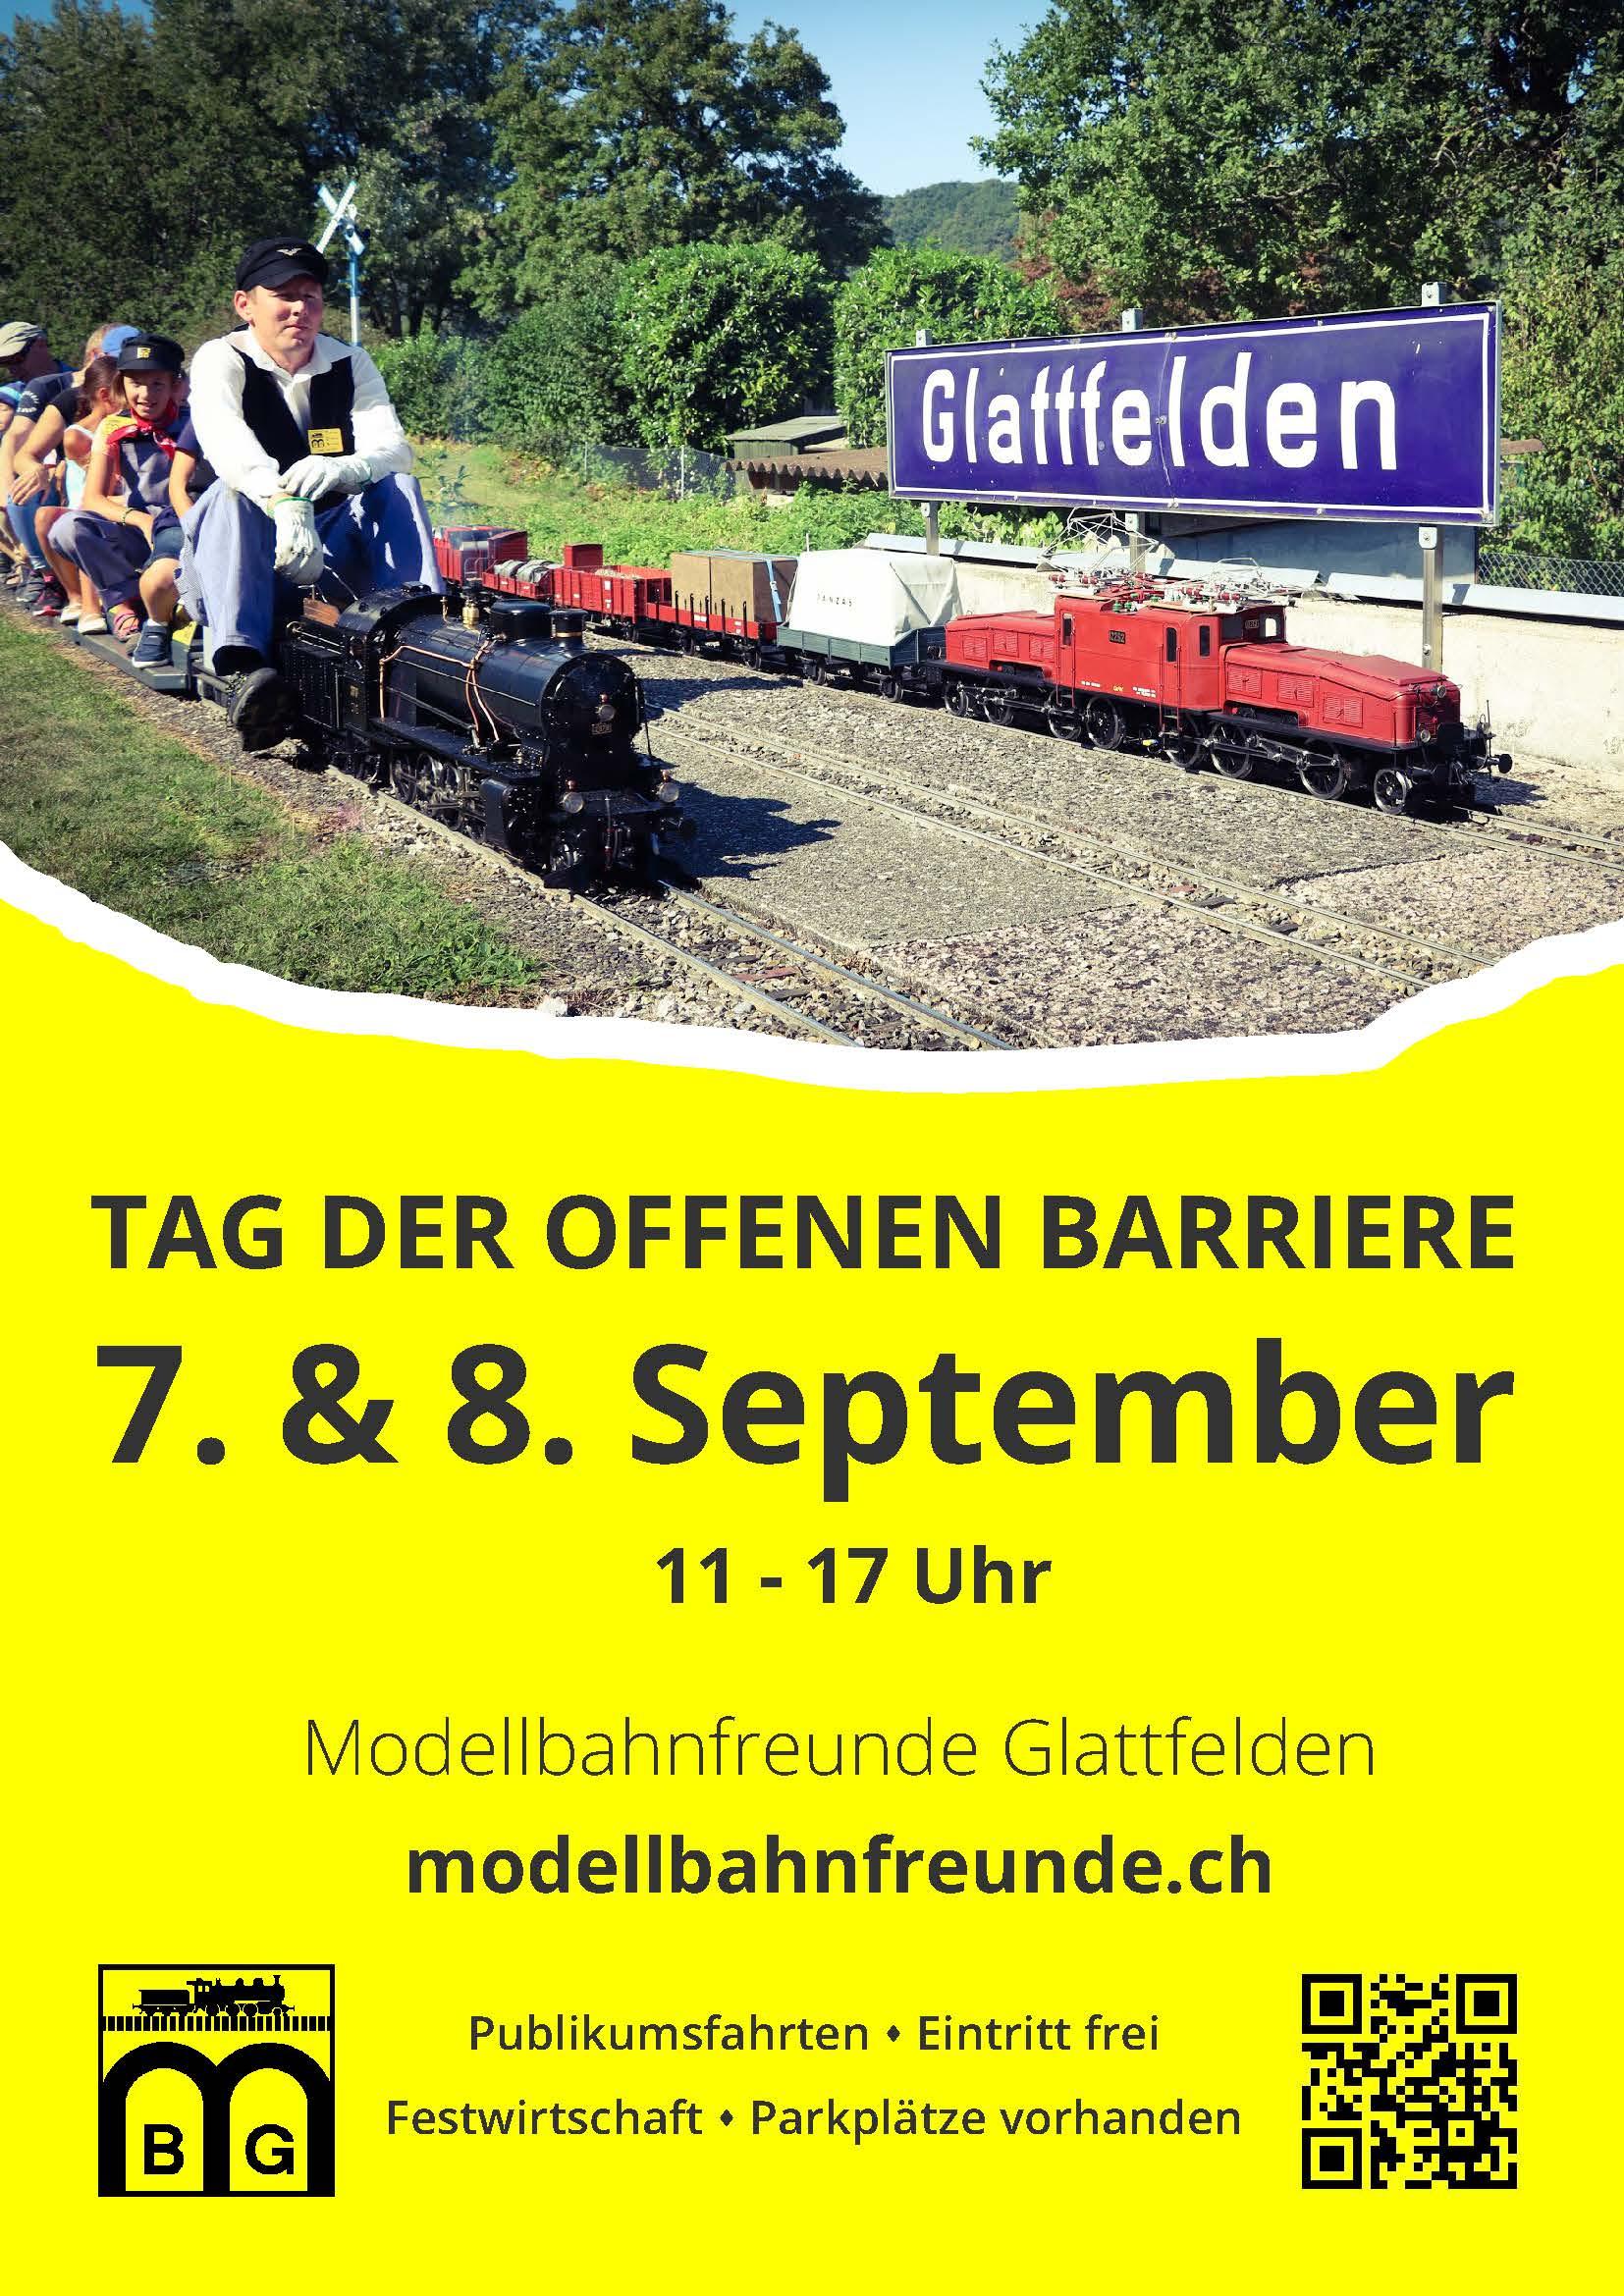 Einladung zum Tag der offenen Barriere in Glattfelden